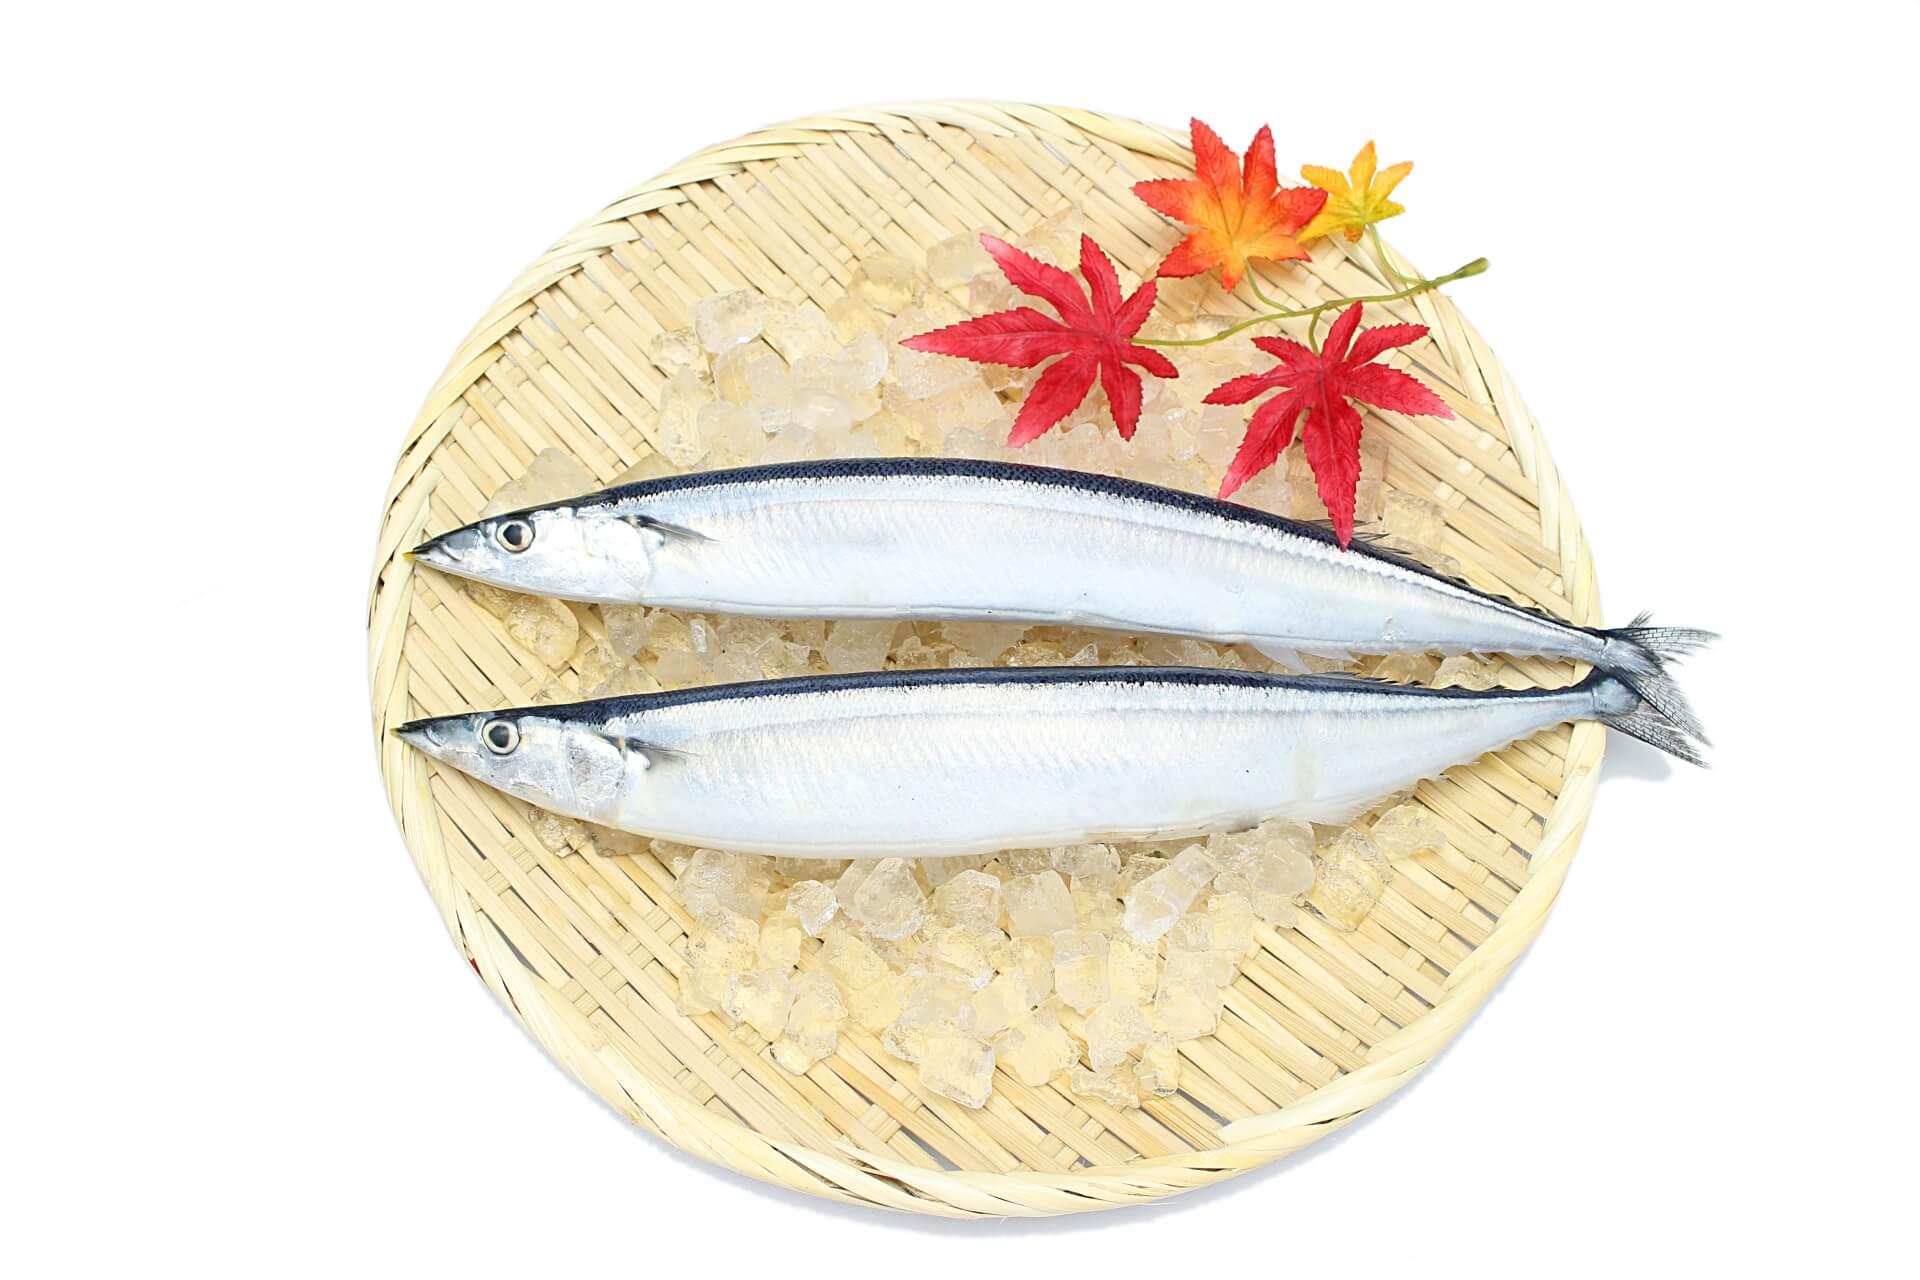 秋刀魚の噺。秋刀魚は炙りでこれからが旬!北海道の秋刀魚は今が美味しい